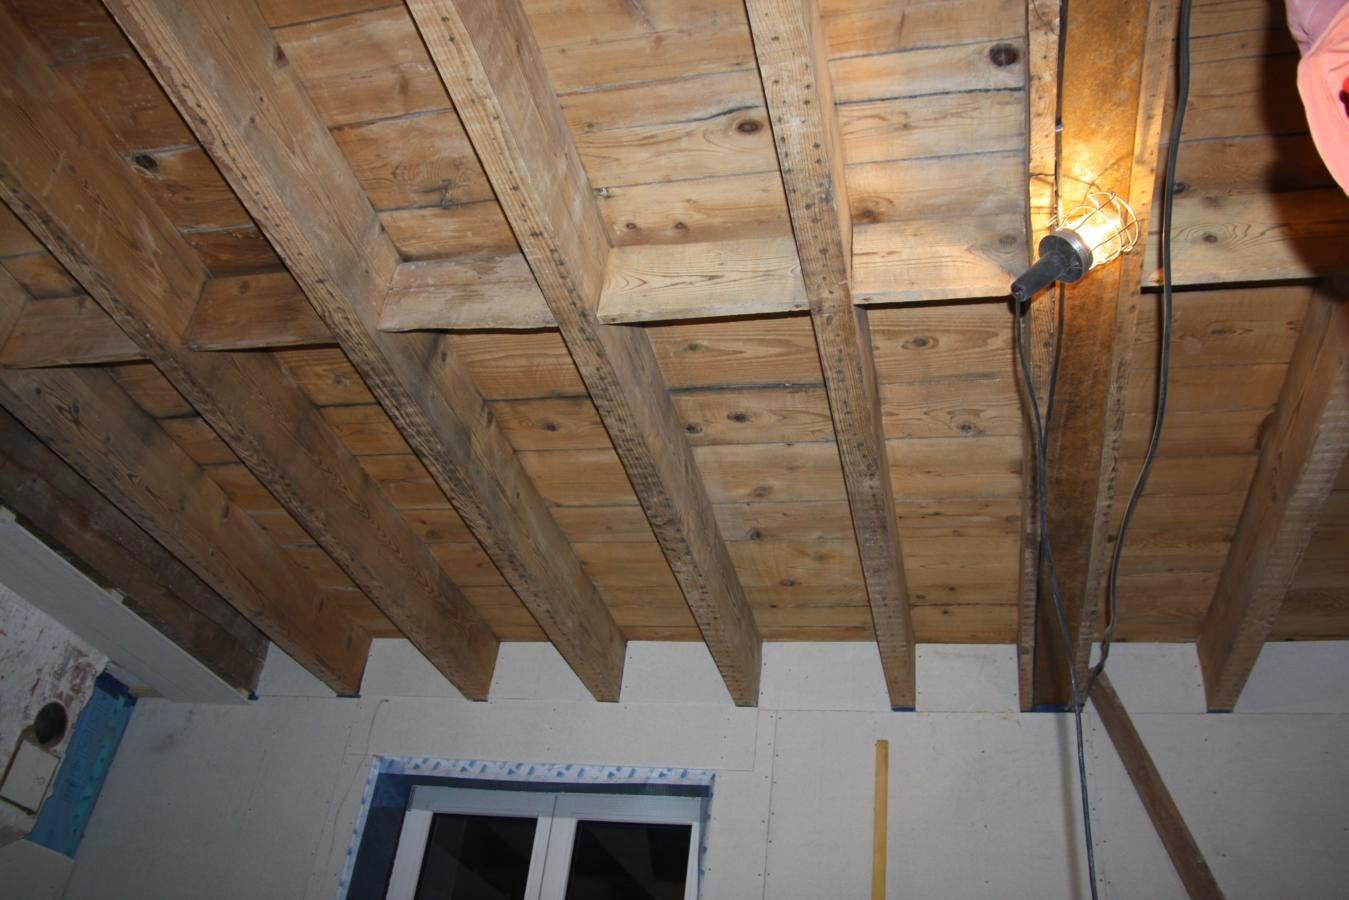 faux plafond salle de bain placo - Plafond Salle De Bain Placo